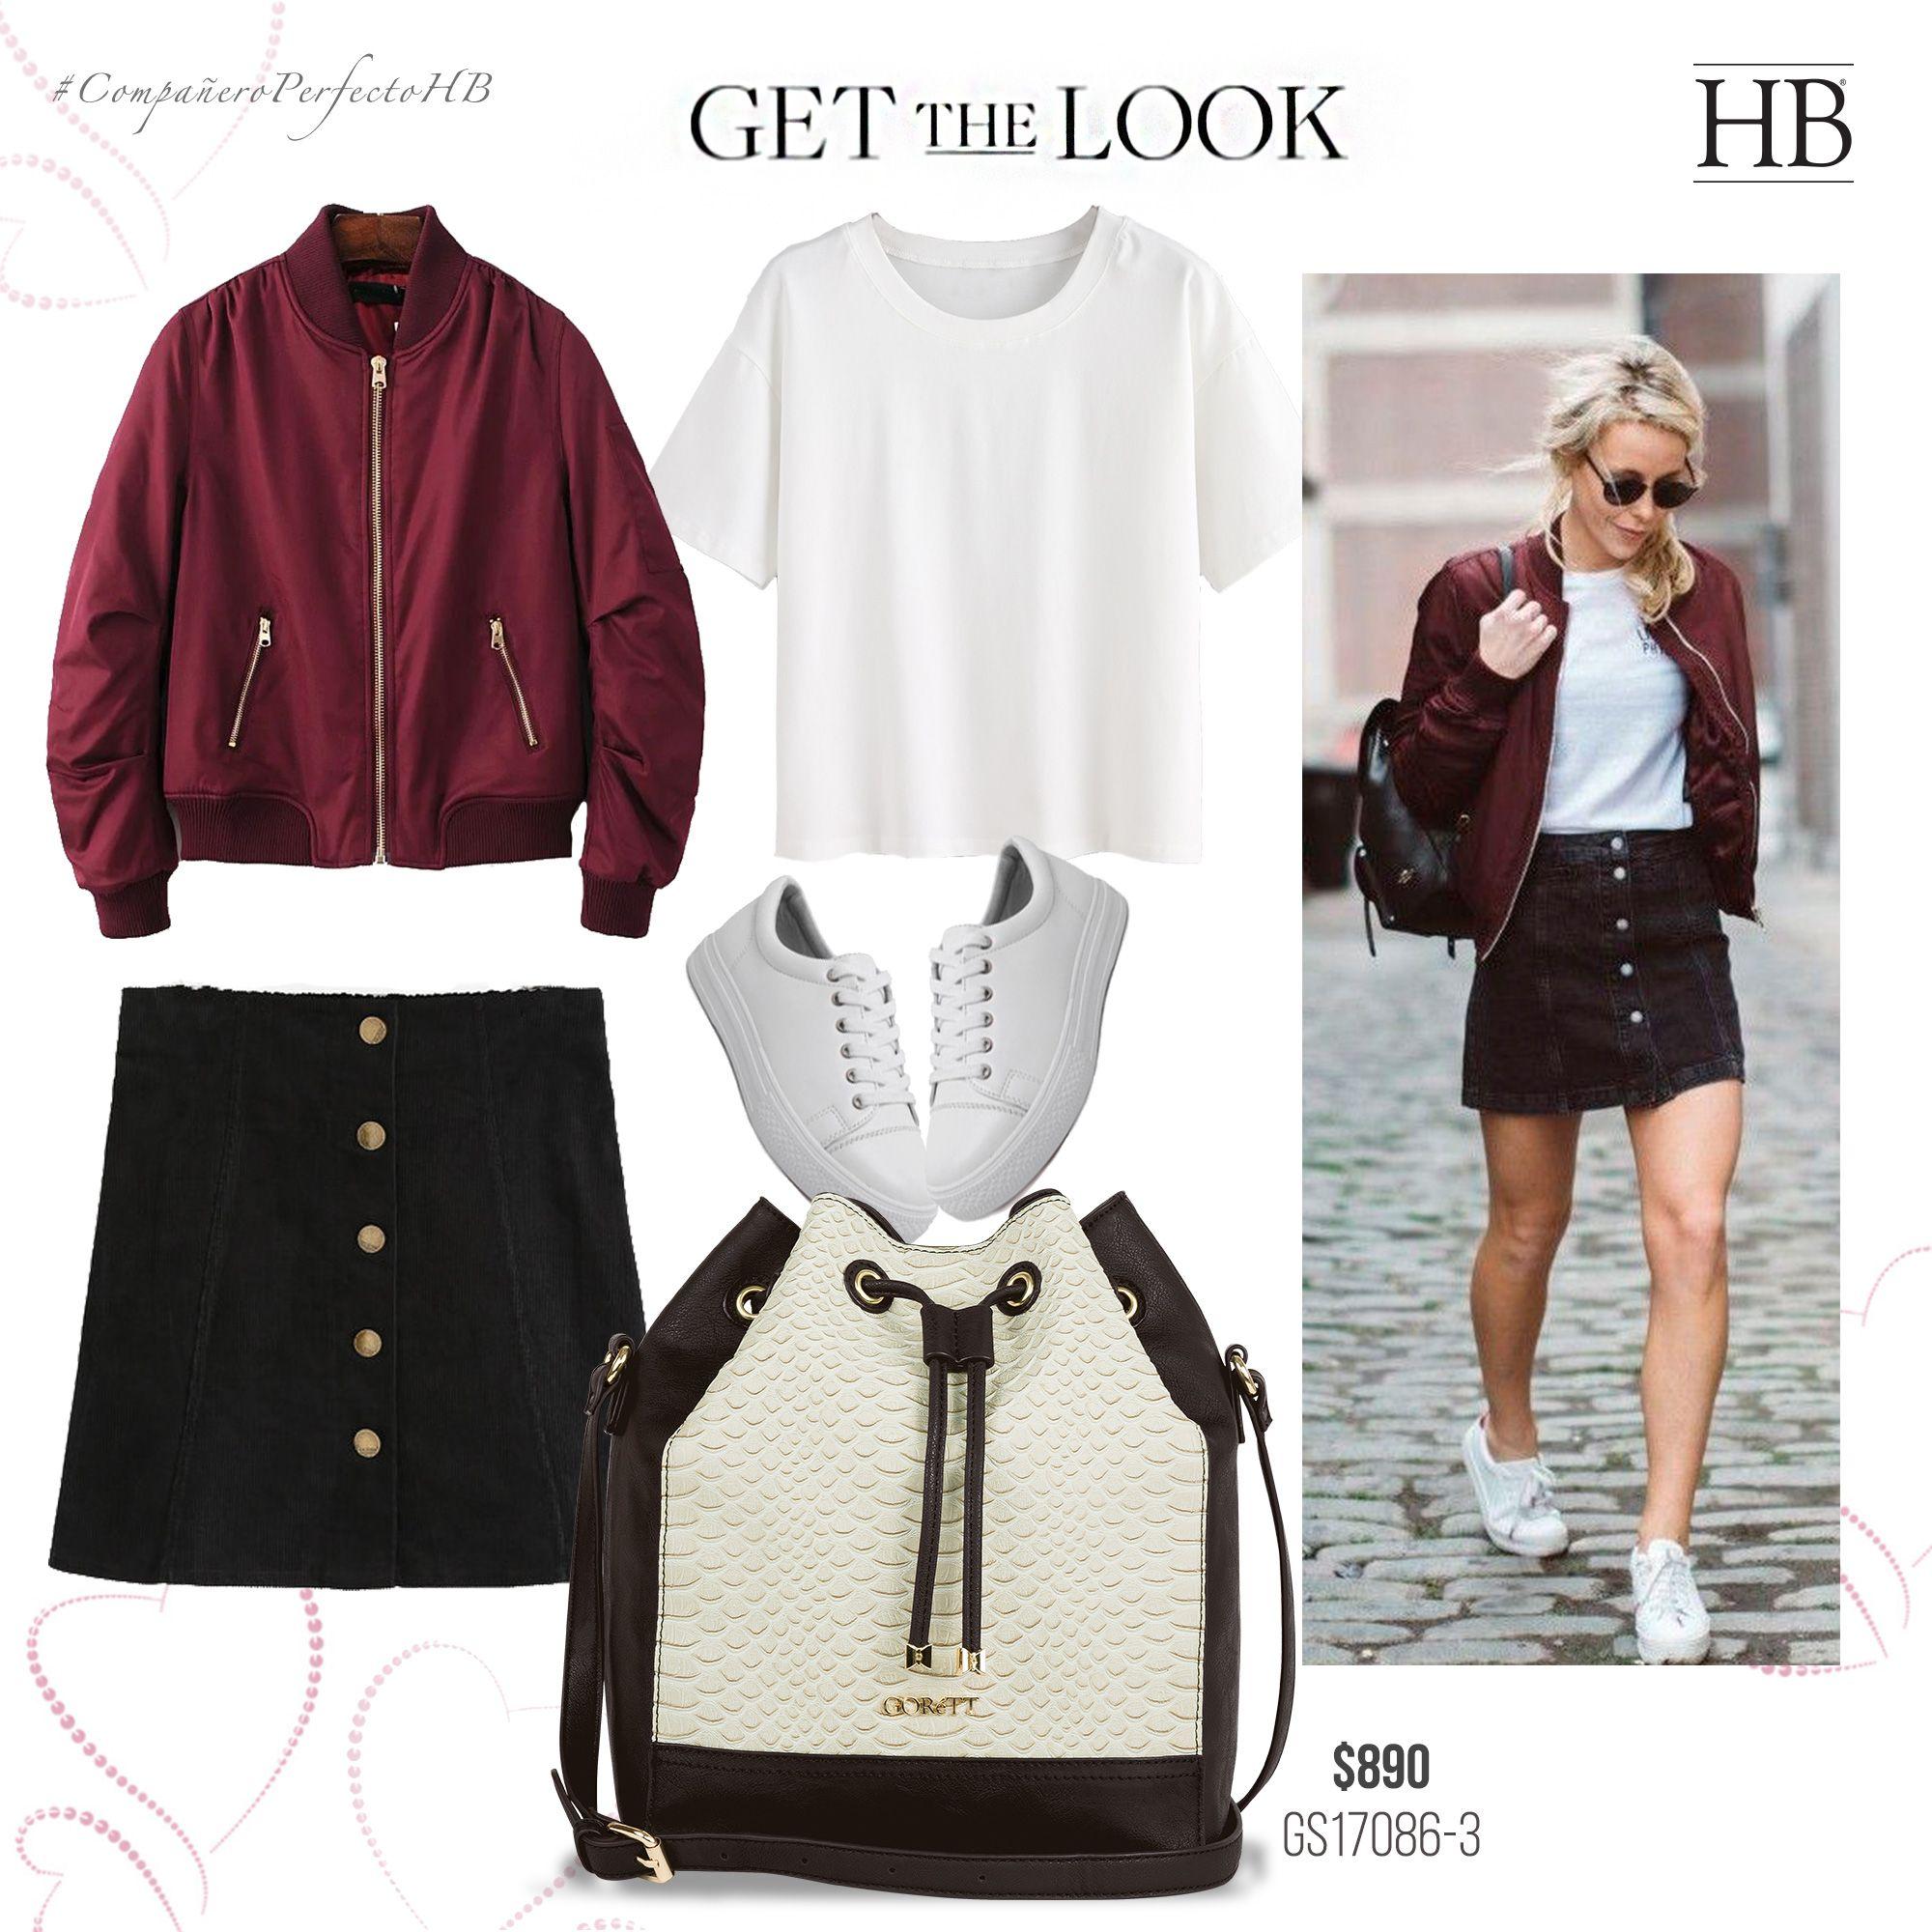 Obtén el look ideal con tu #CompañeroPerfectoHB💘 el mod. GS17086-3 ❤ #PrimaveraHB 🌺🌼  Más detalles en http://hbhandbags.com.mx/hb17/dama-mochila/ y al 📞 01800 426 3224  #GORéTT #Casual #SanValentín